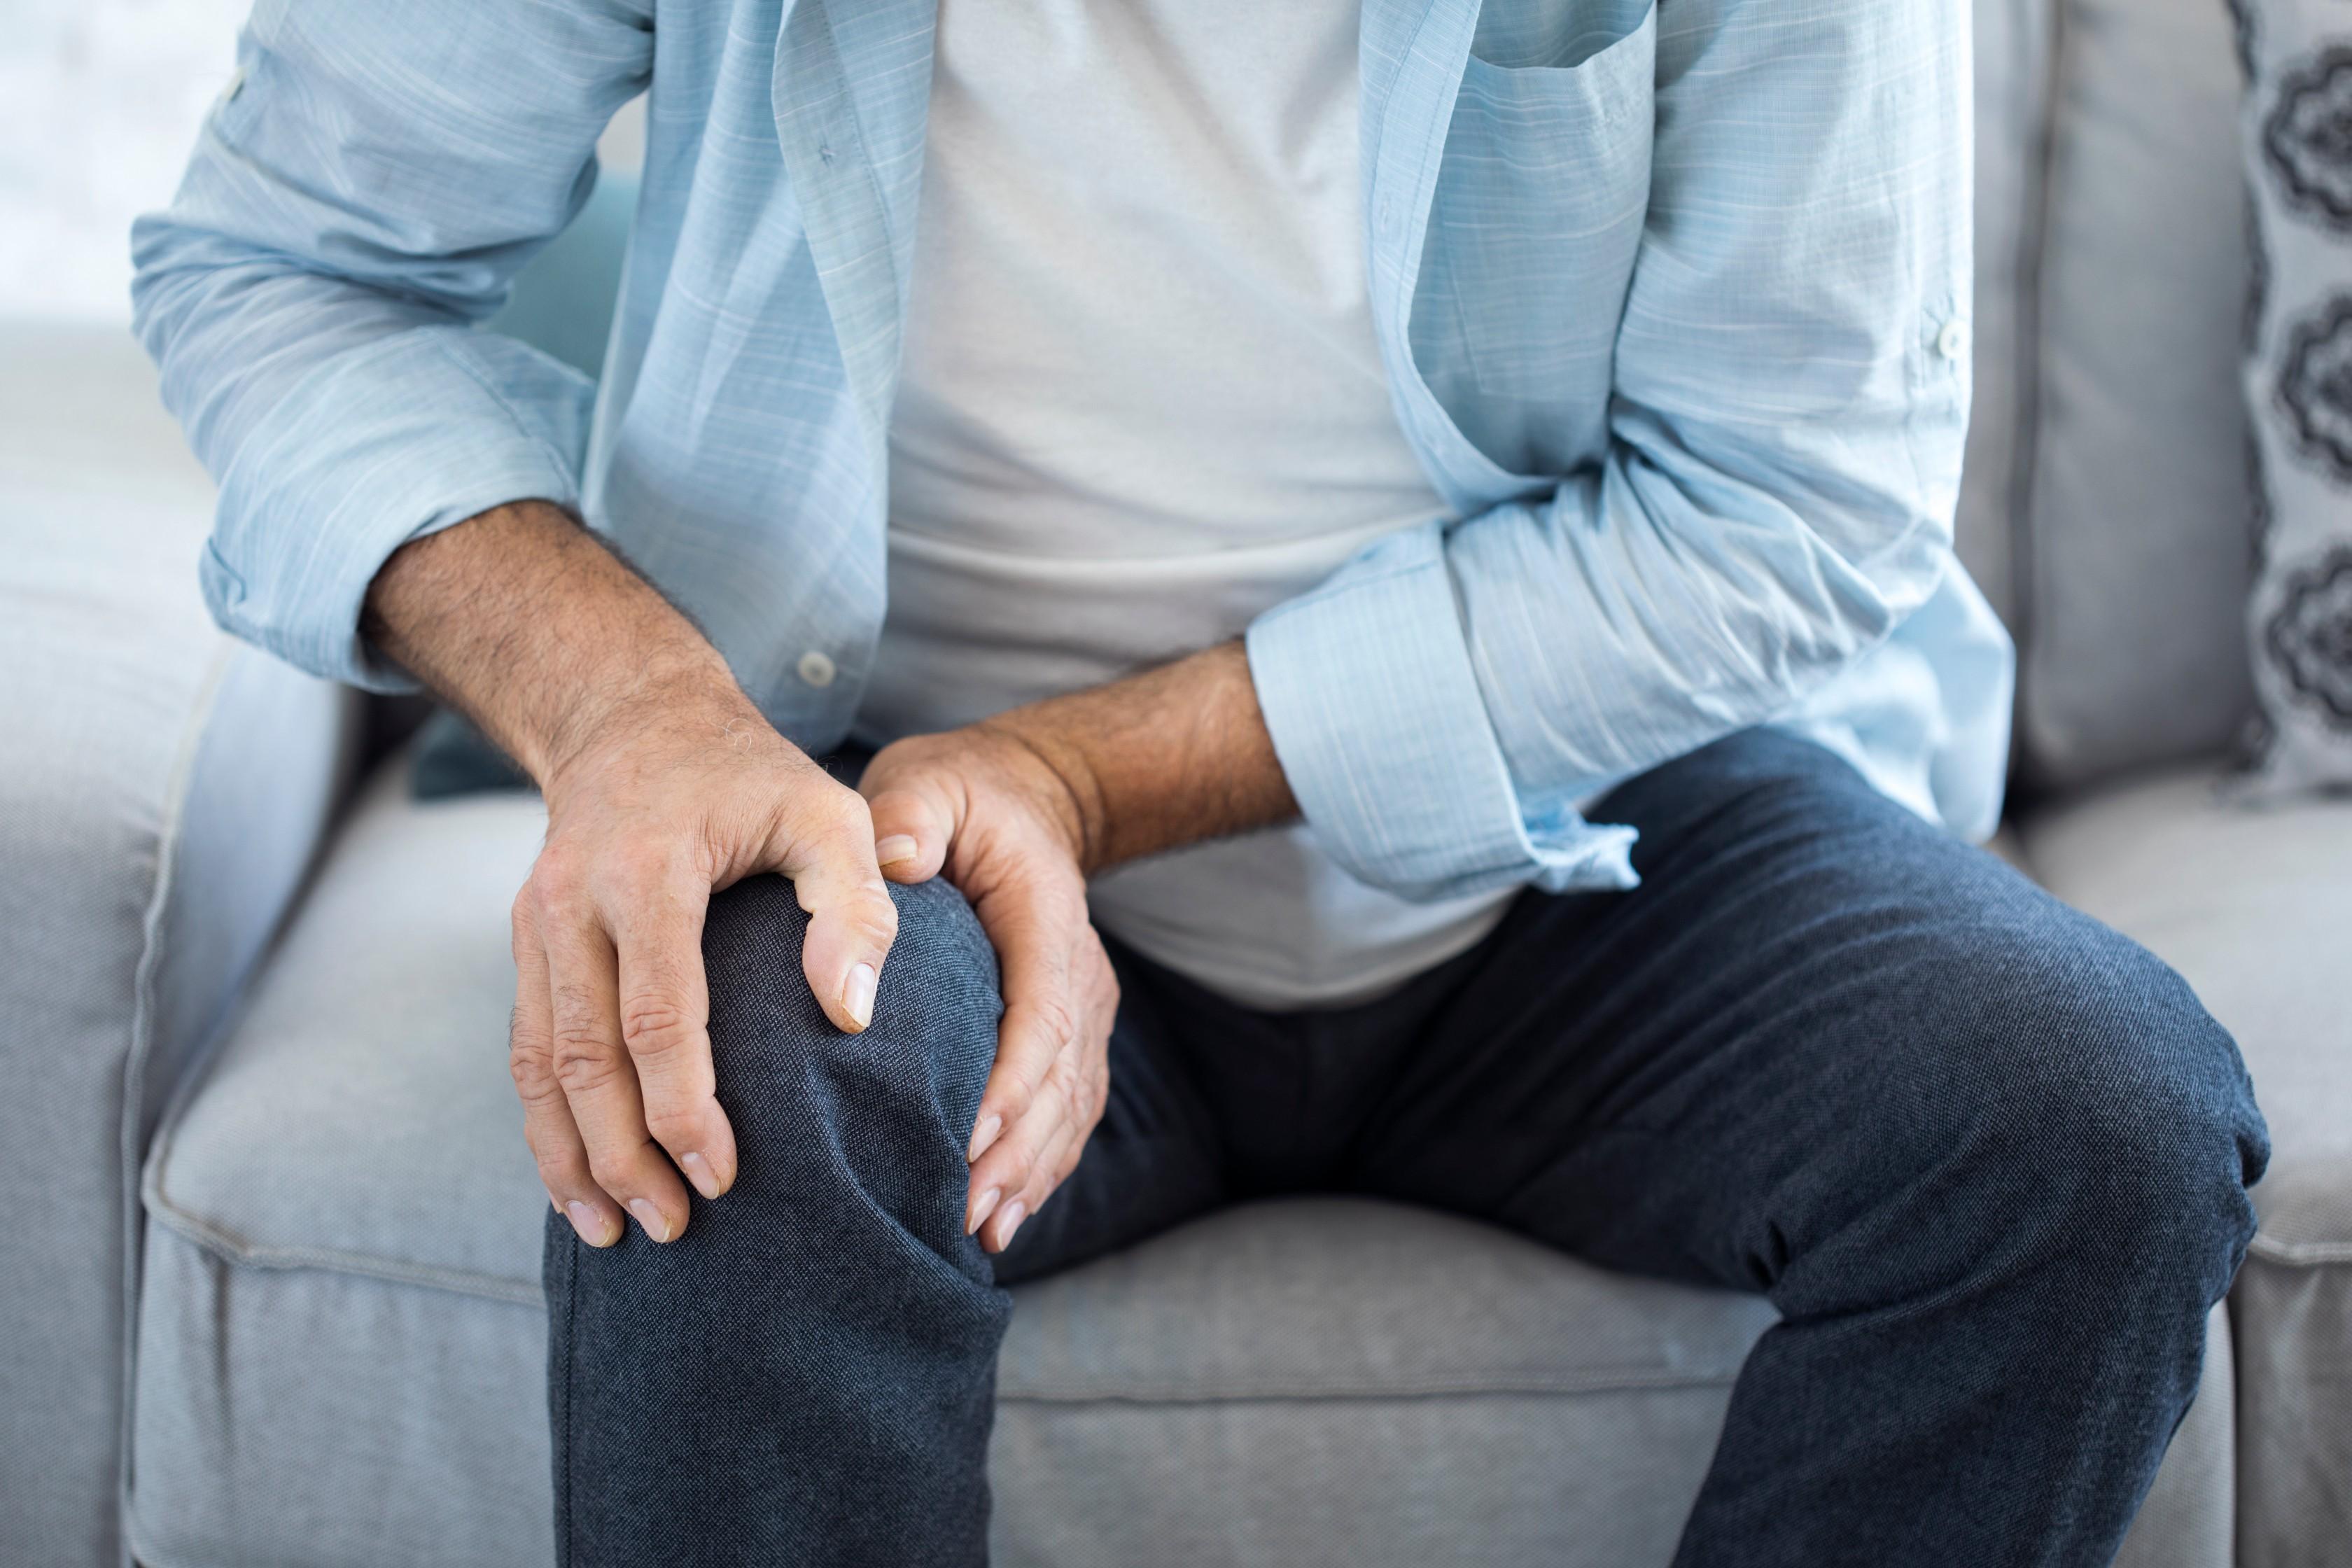 ízületi fájdalom melyik orvoshoz fülfájás